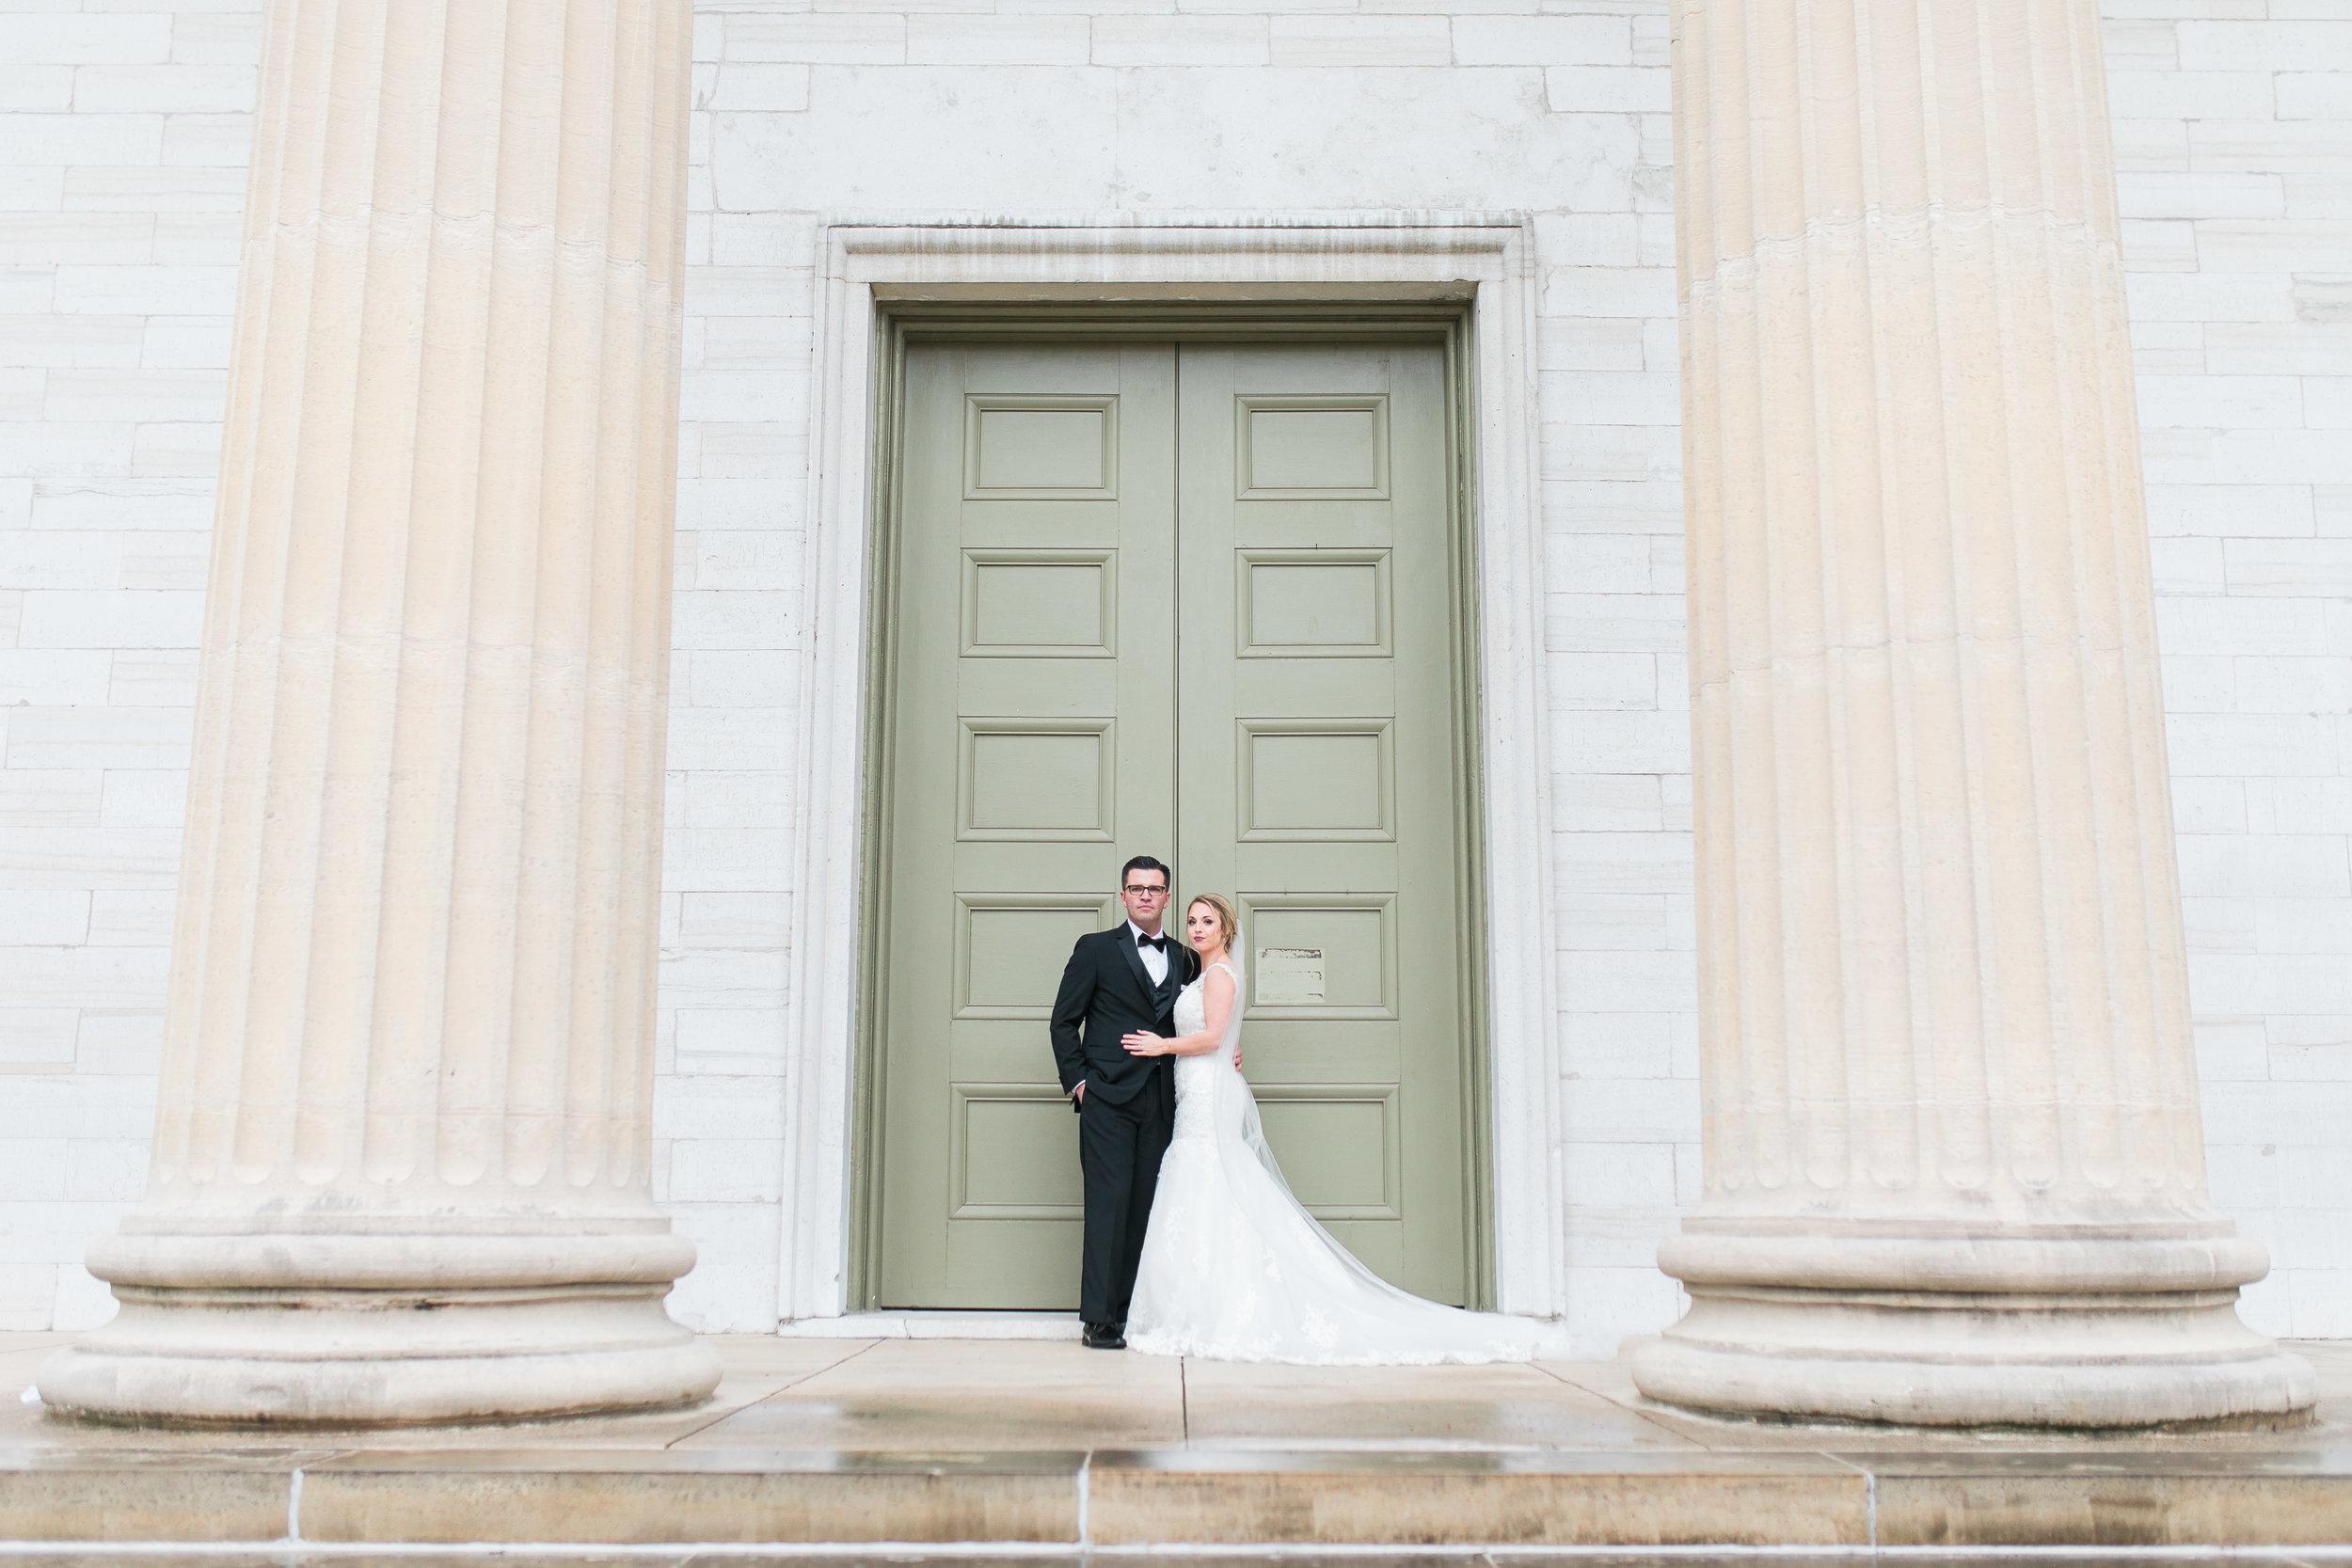 Kaitlin-Derek-Wedding-by-JBJ-Pictures  (159).jpg